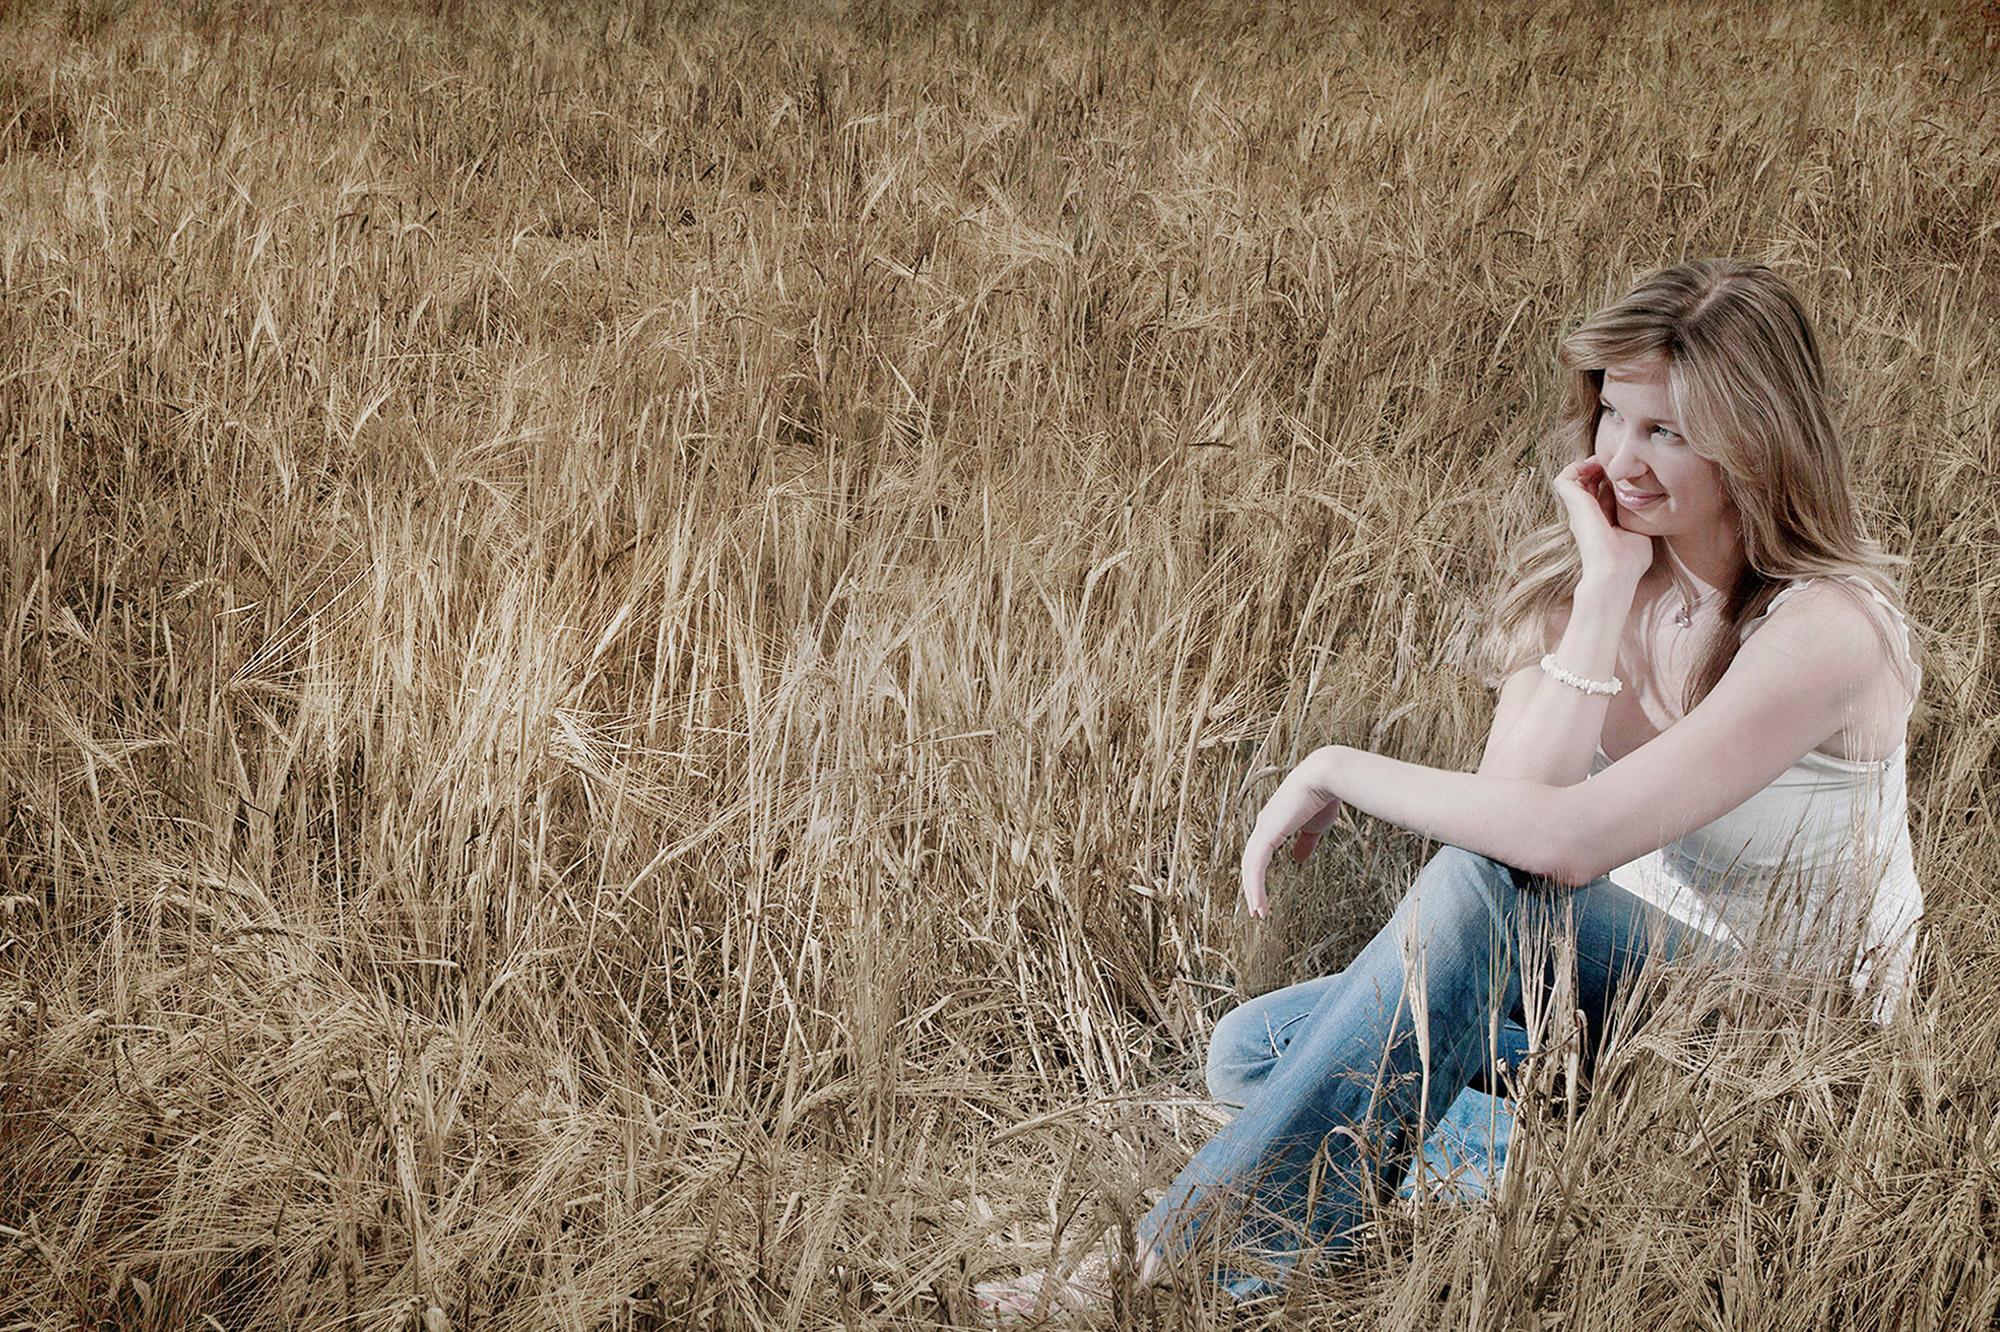 Model & Singer Anna Marie-Waite